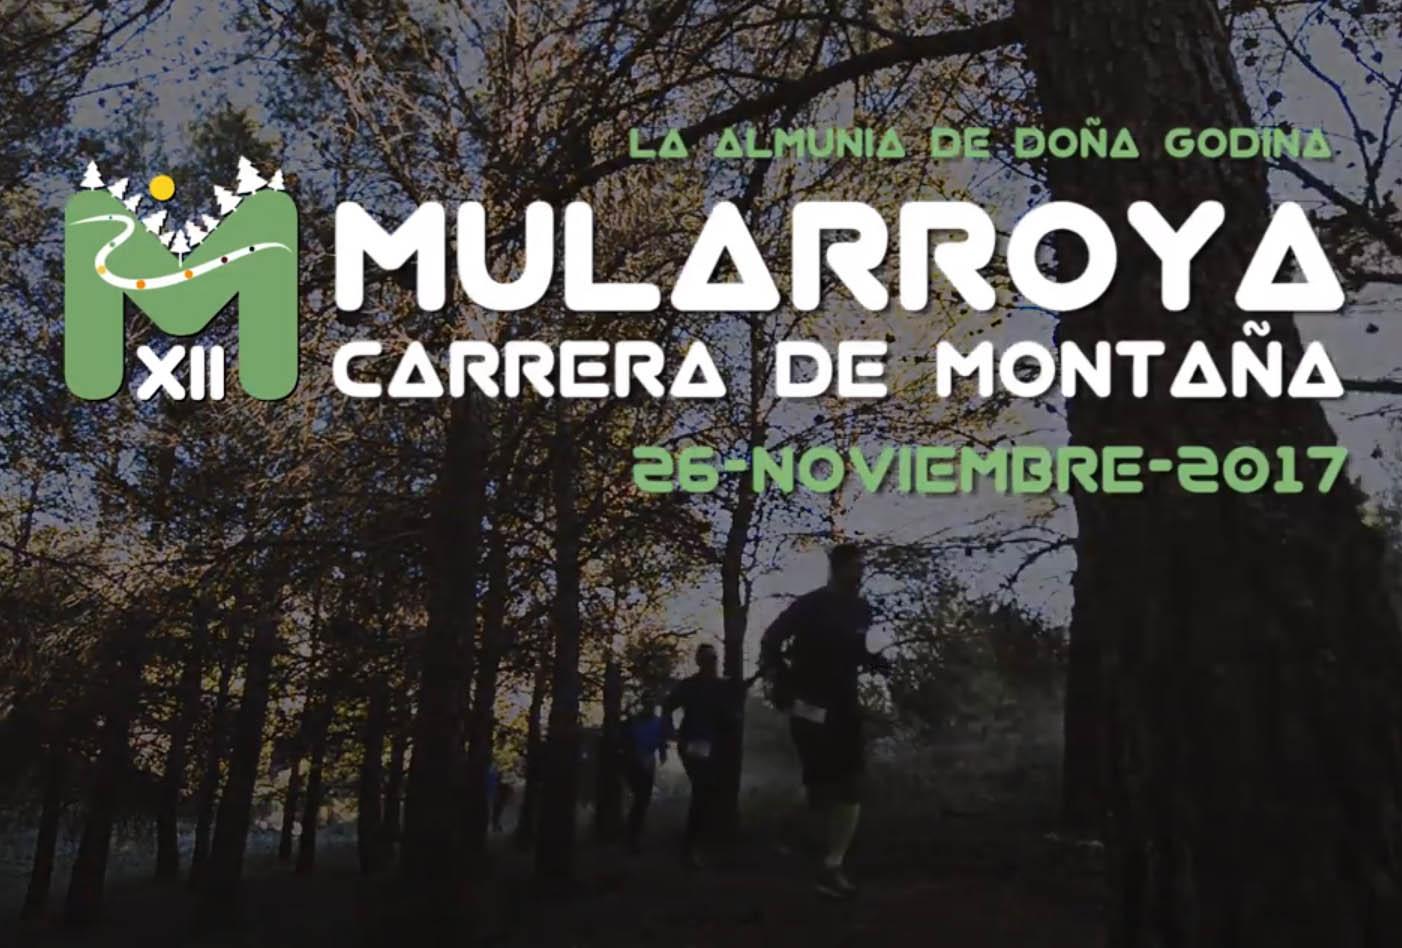 Vídeo publicitario Carrera de Mularroya